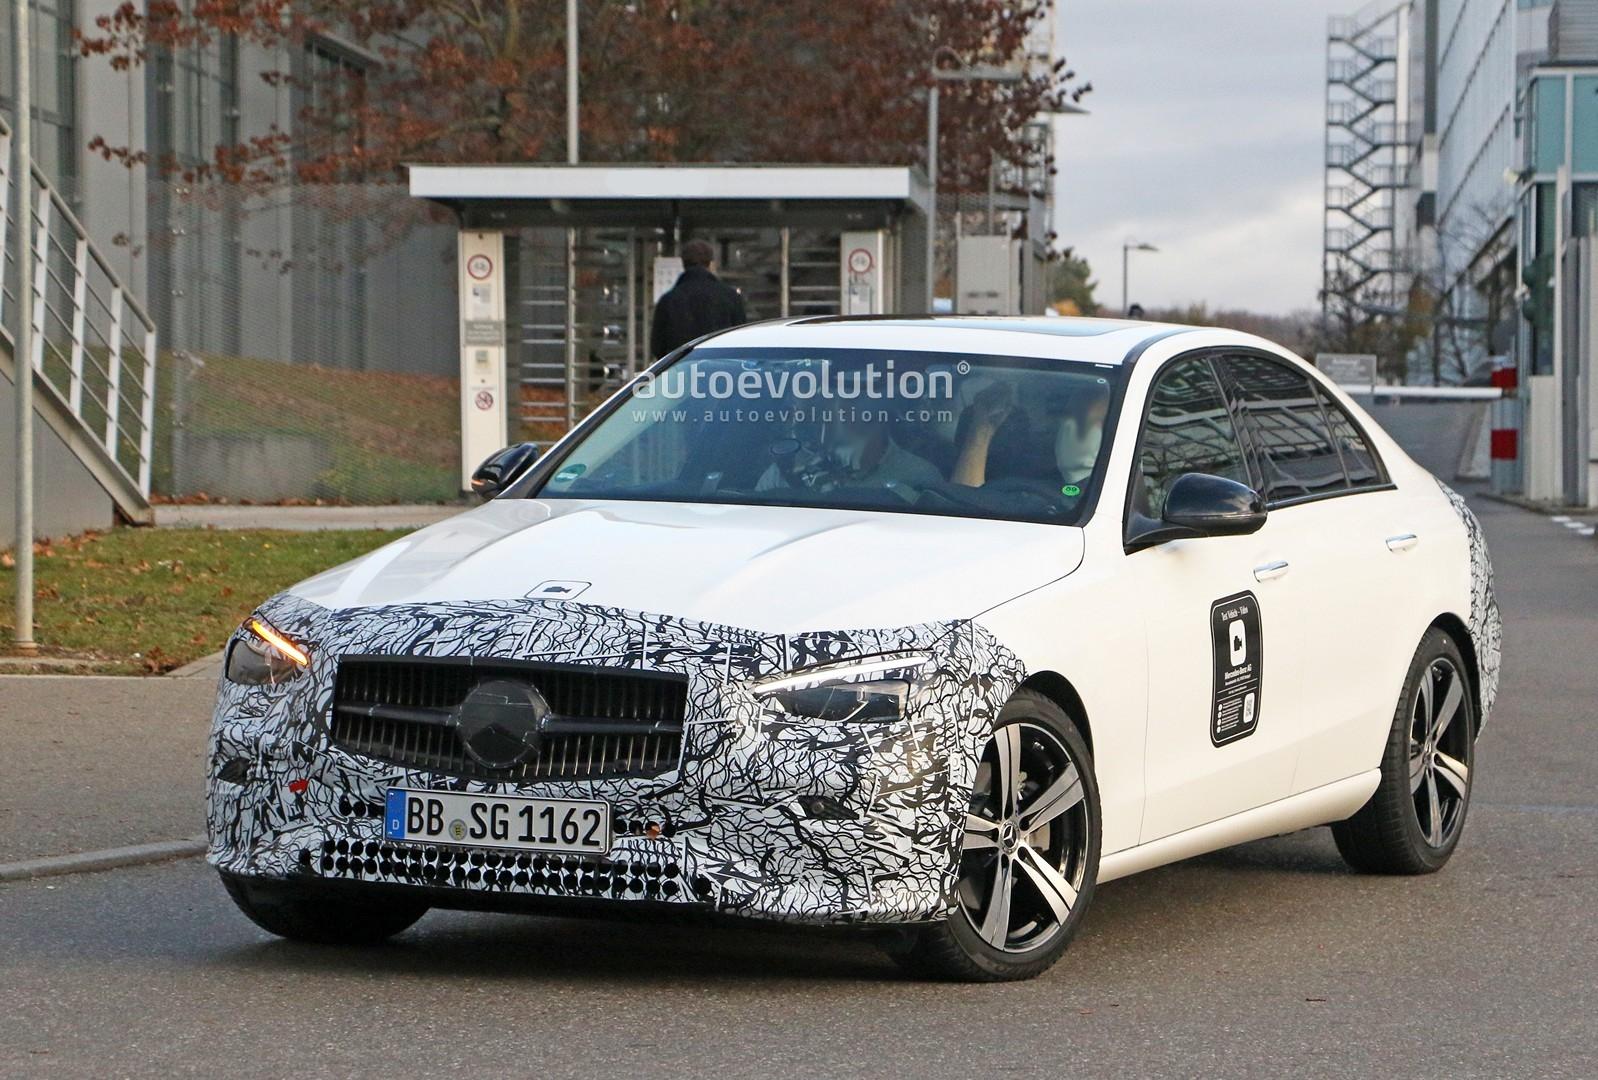 Mercedes Classe C 2022 prototipo poco camuffamento